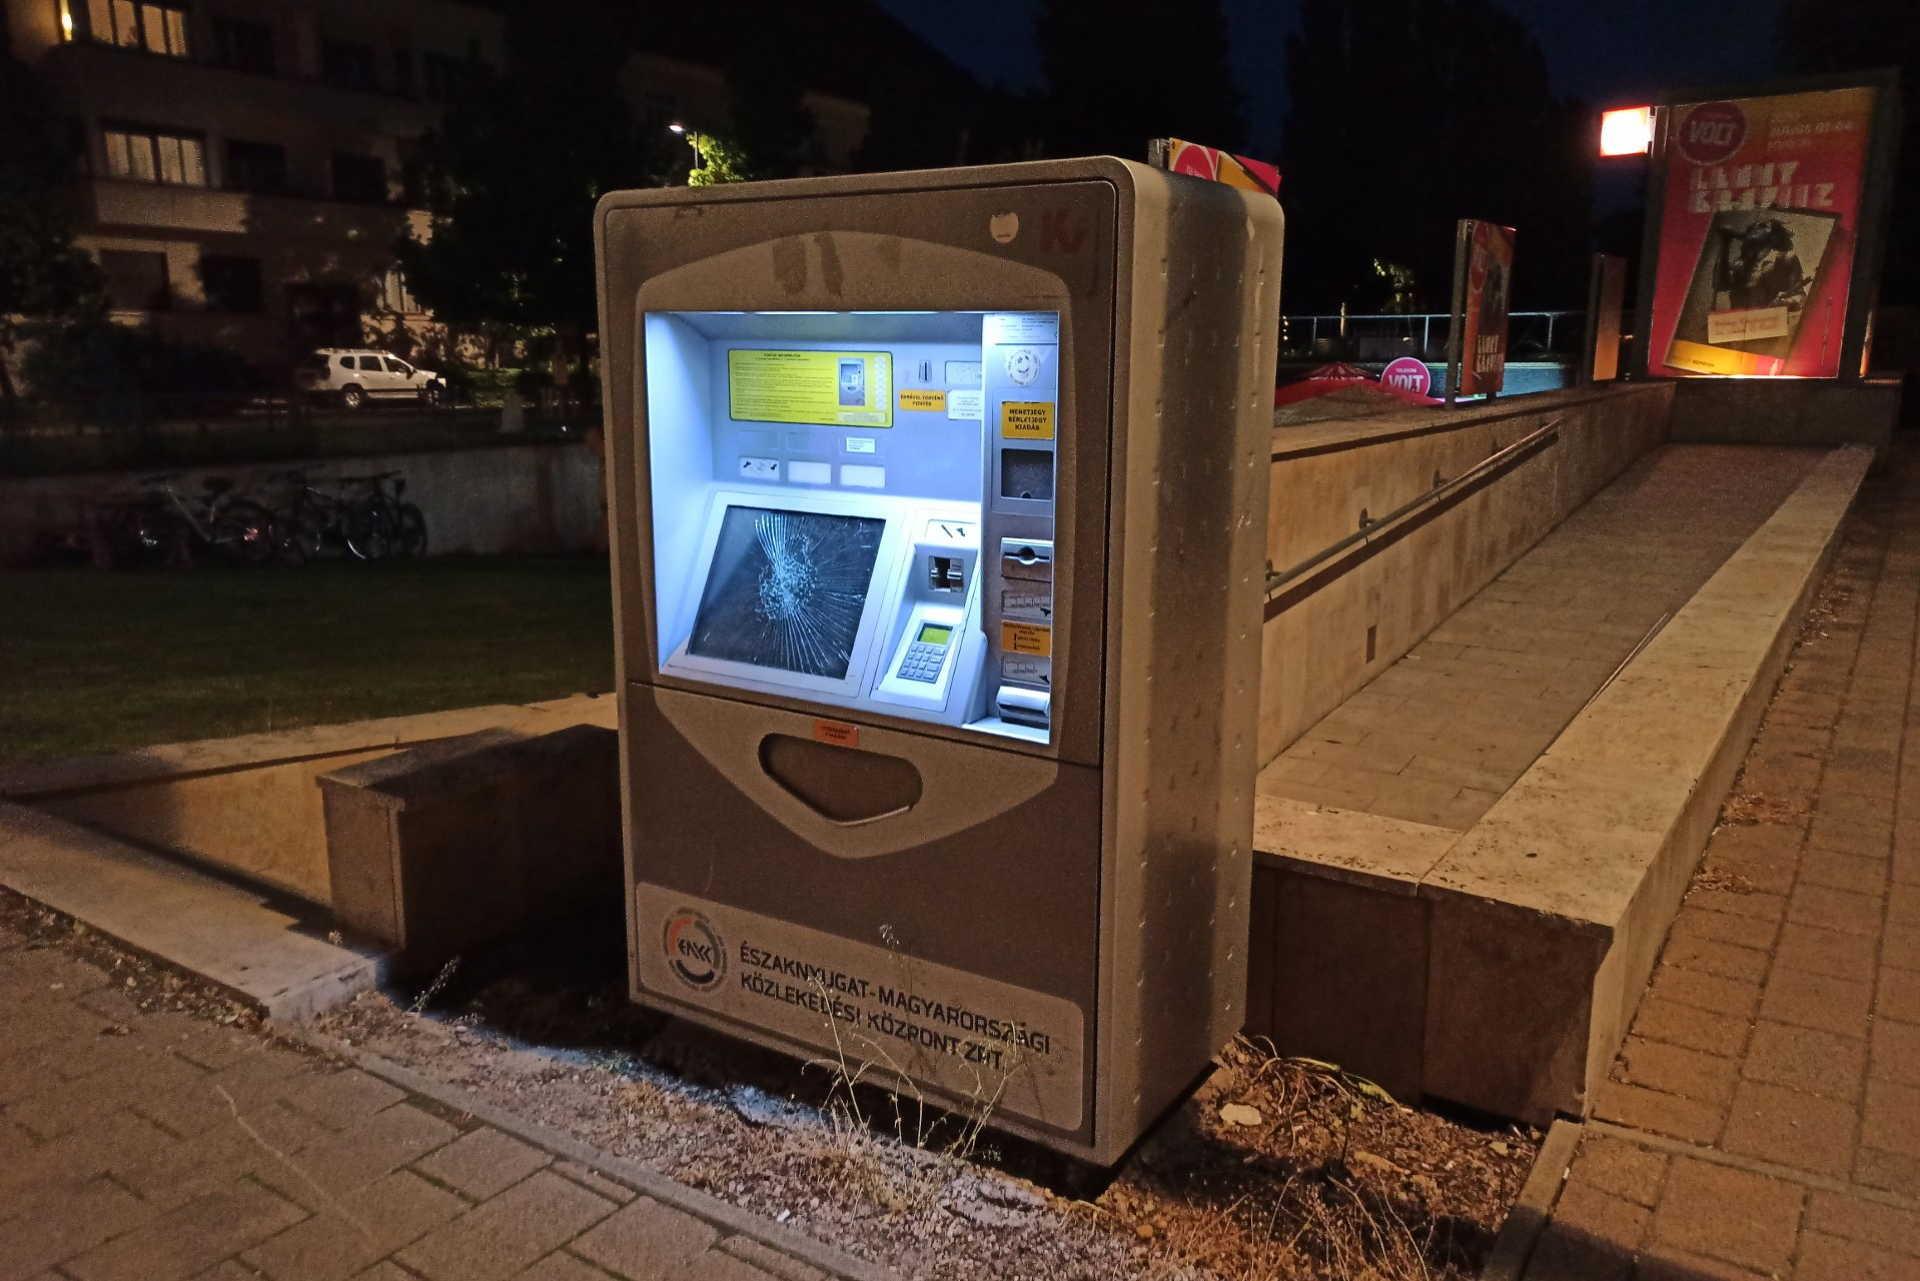 Jegykiadó automaták áram alatt